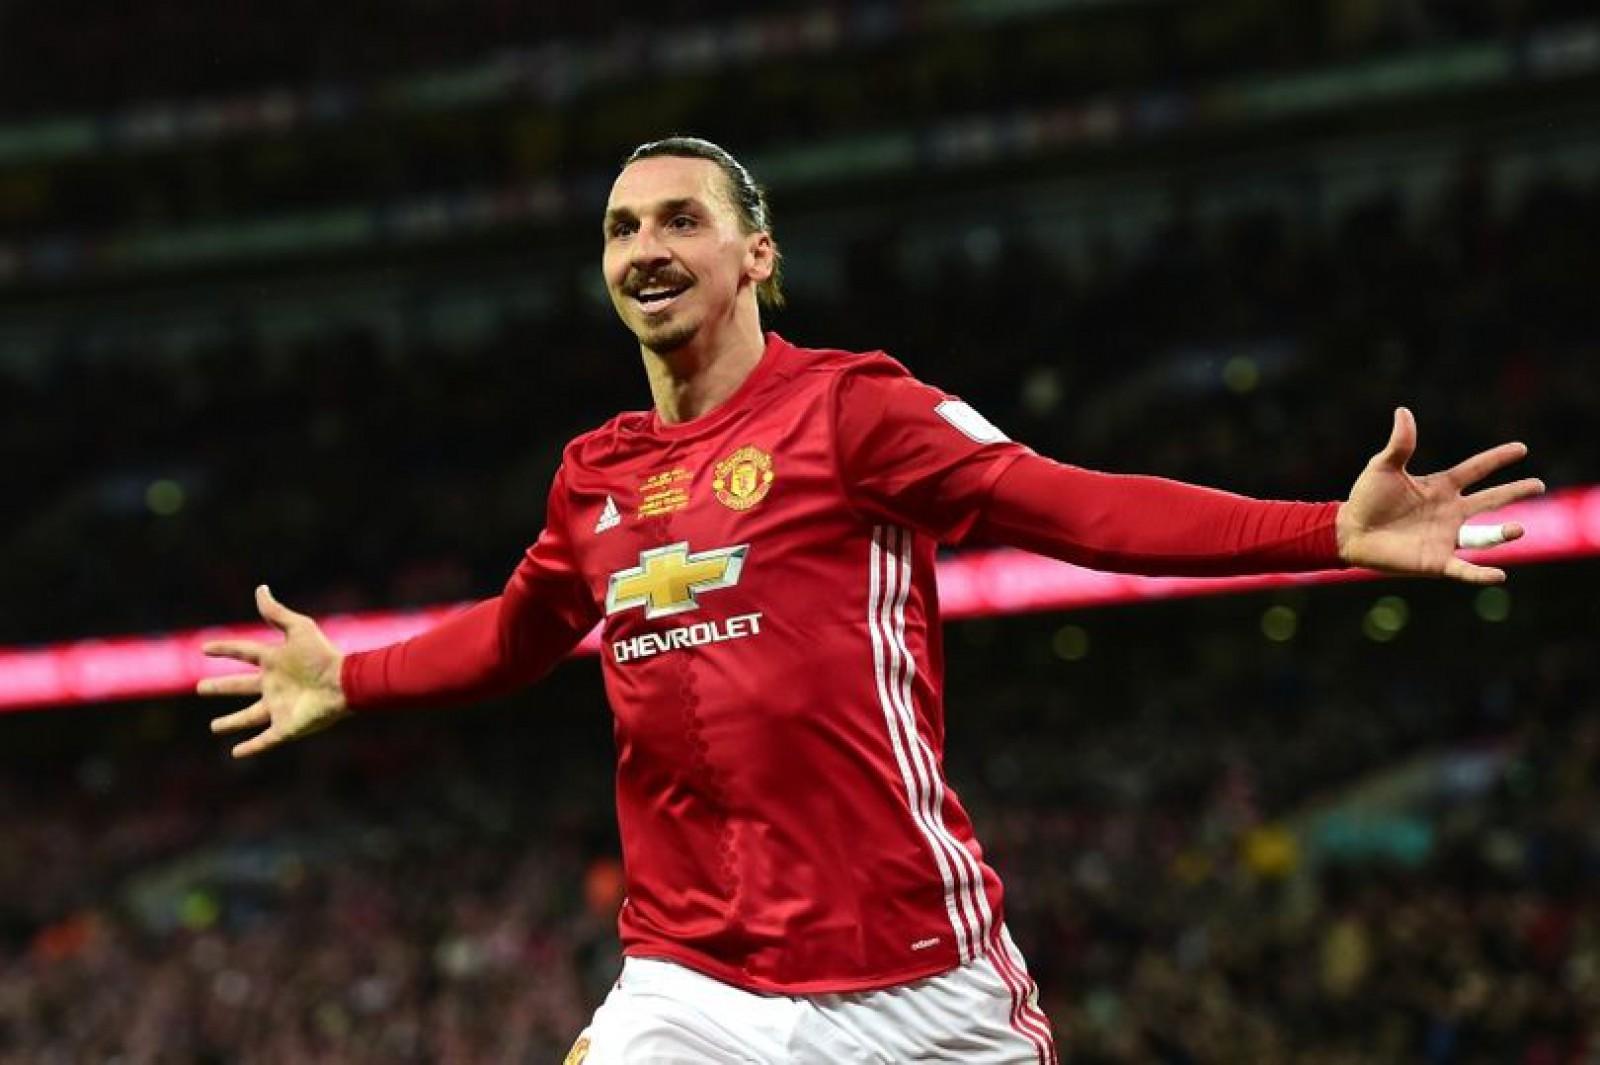 Manchester United a reziliat contractul cu Zlatan Ibrahimovic! Atacantul suedez își va continua cariera în America